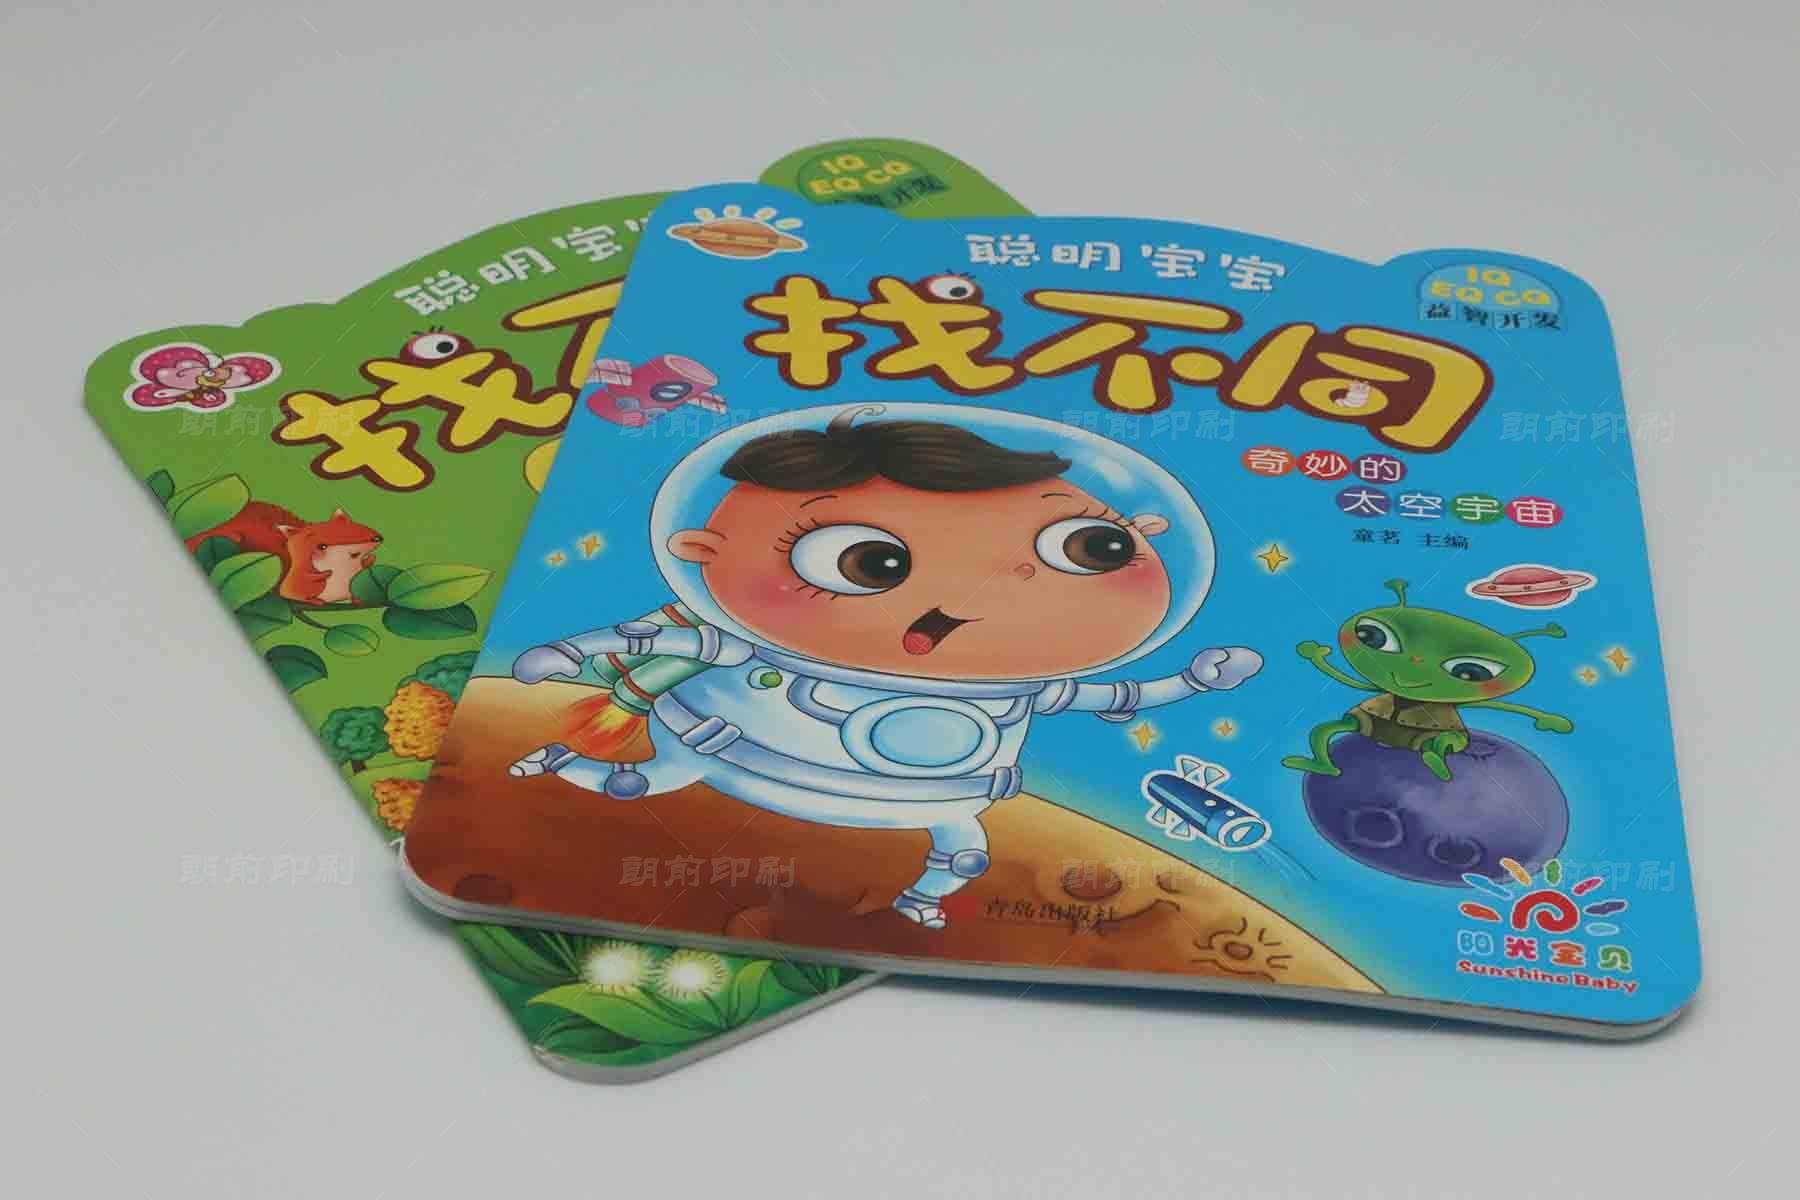 广州专业的画册印刷公司 广州怎样制作公司宣传画册